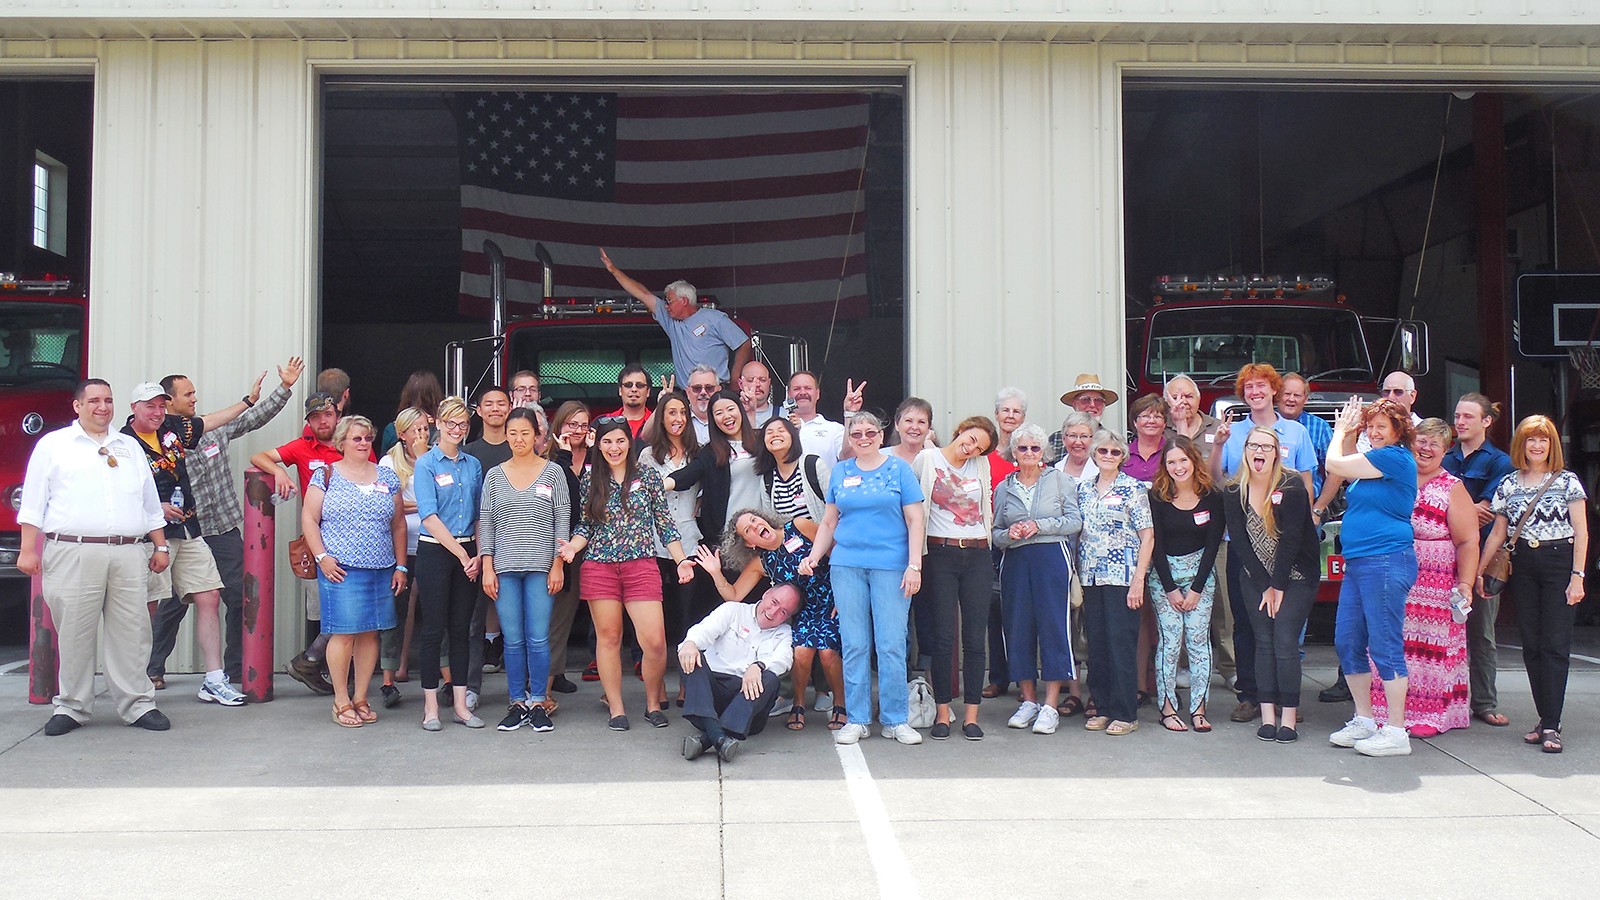 2015-07-11 Aumsville 081 group sm